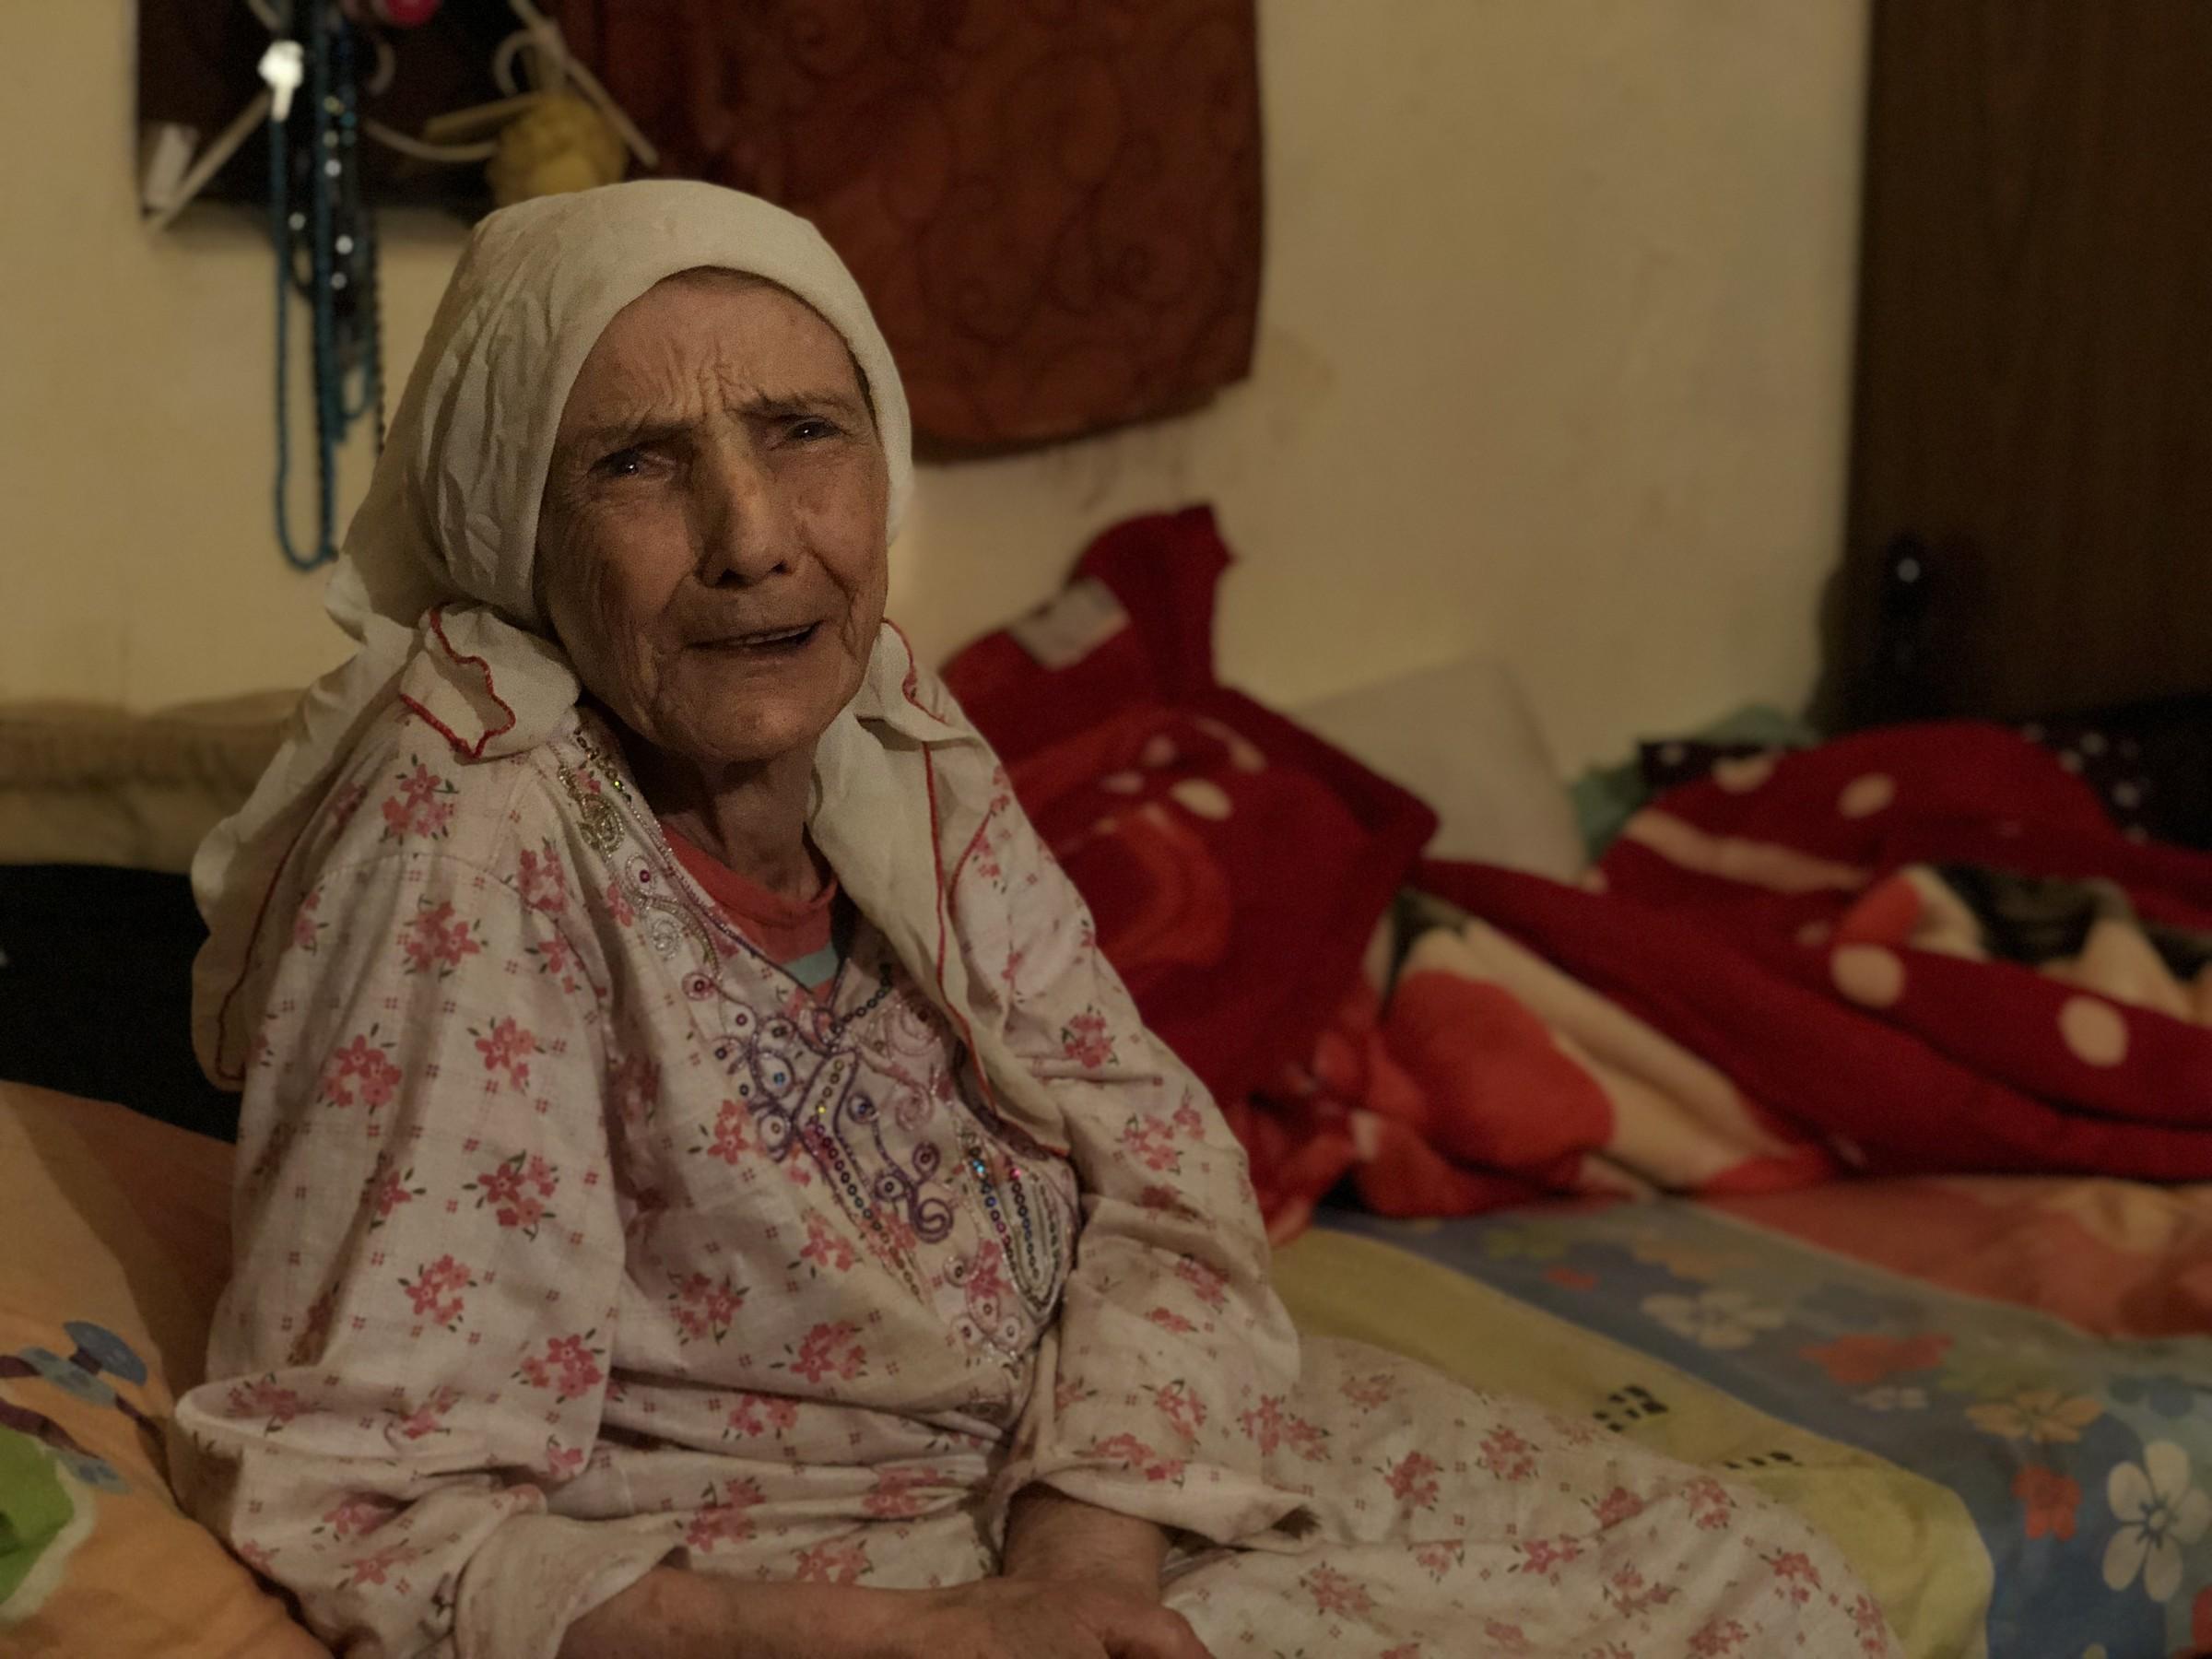 Khazna al-Sahli, 88, Burj al-Barajneh refugee camp, Beirut. Originally from    Balad al-Sheikh    near Haifa.